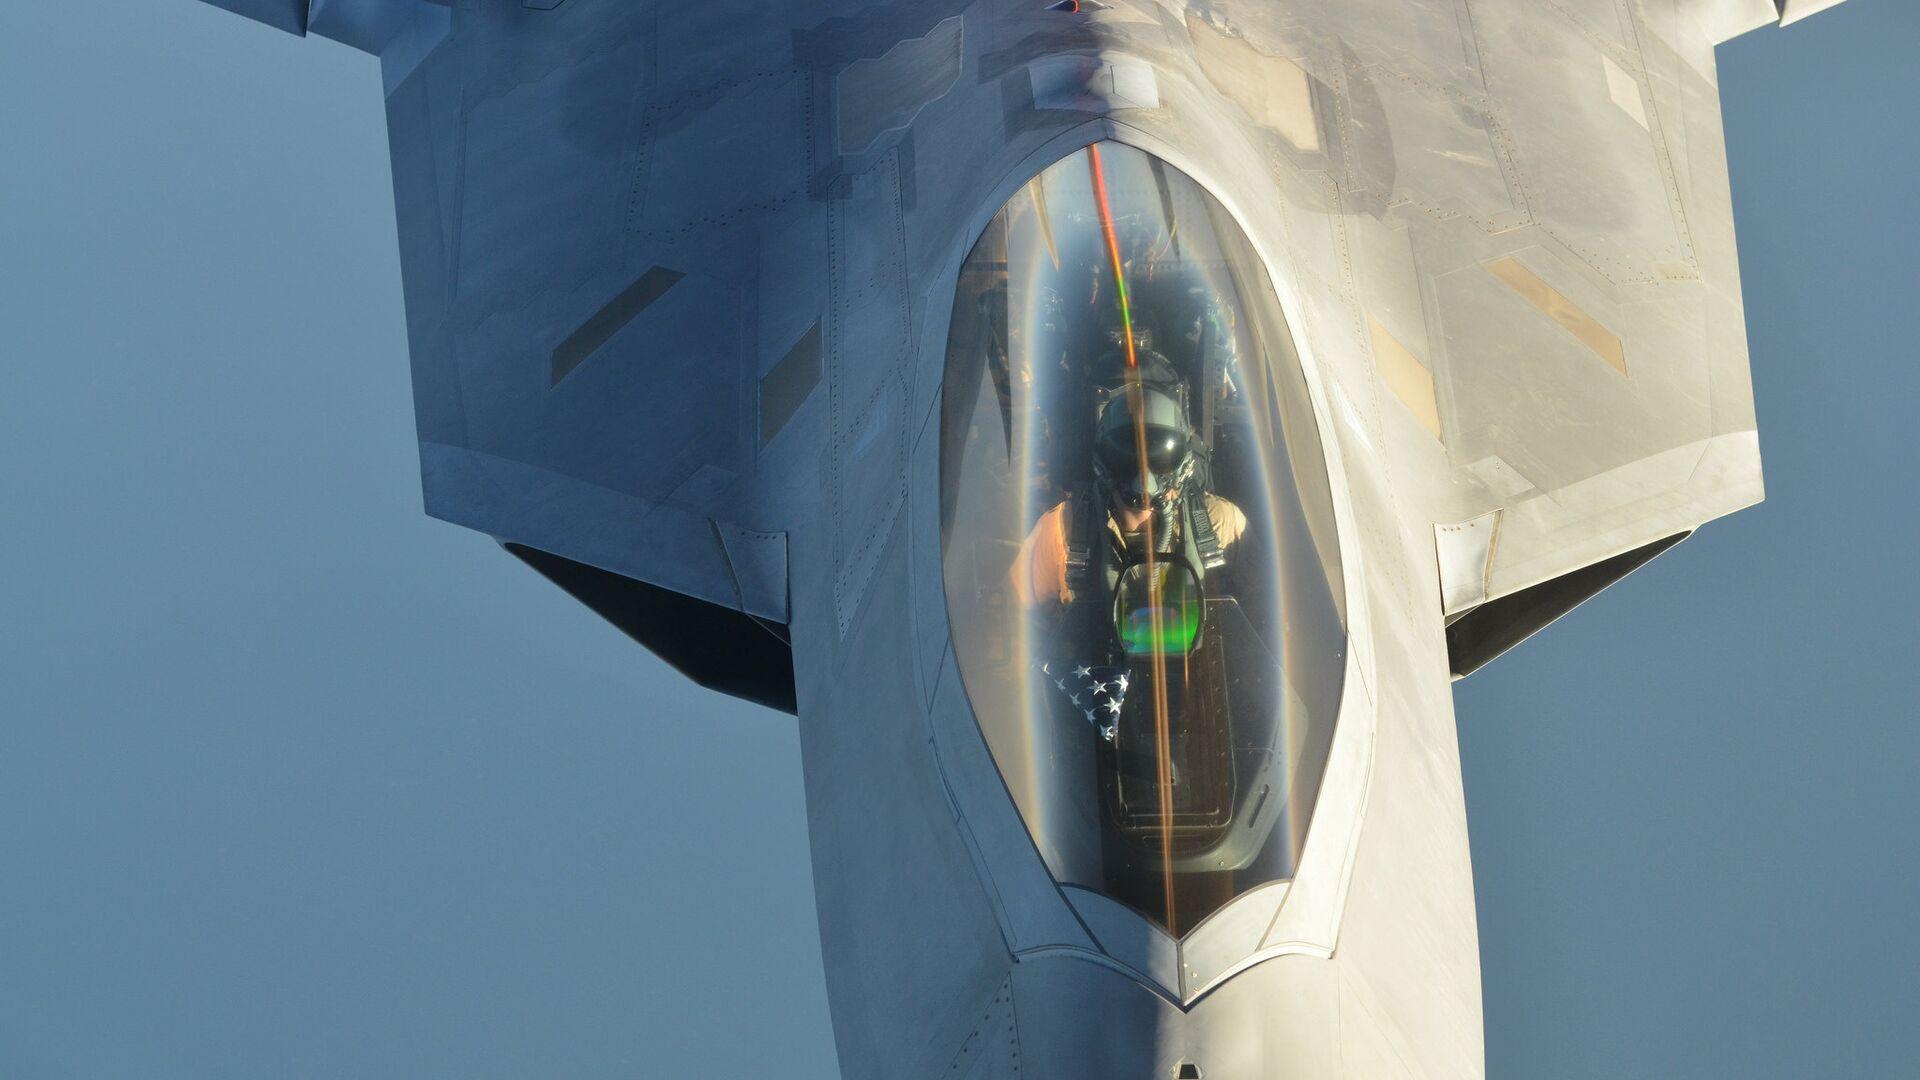 Истребитель ВВС США F-22 Raptor после проведения авиаударов в Сирии - РИА Новости, 1920, 14.02.2021